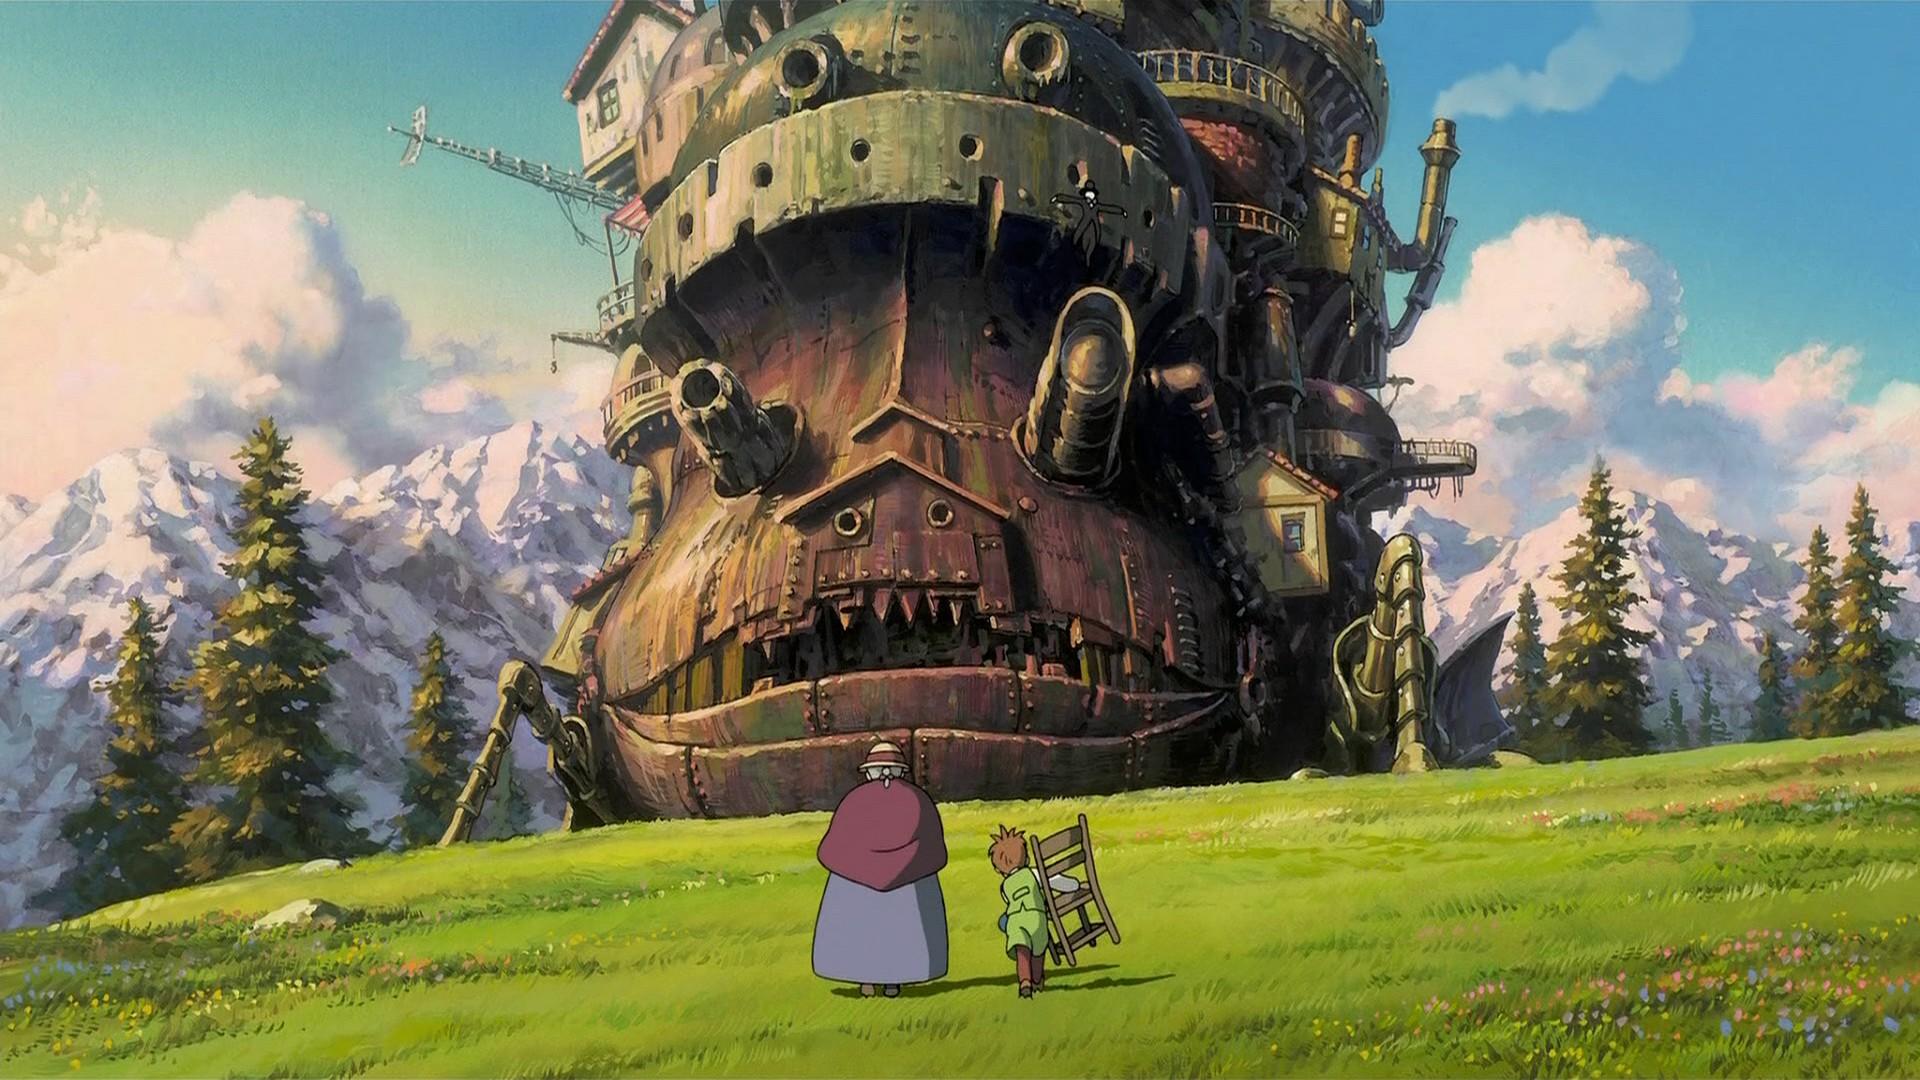 Открытие парка Studio Ghibli в Японии состоится в 2022 году